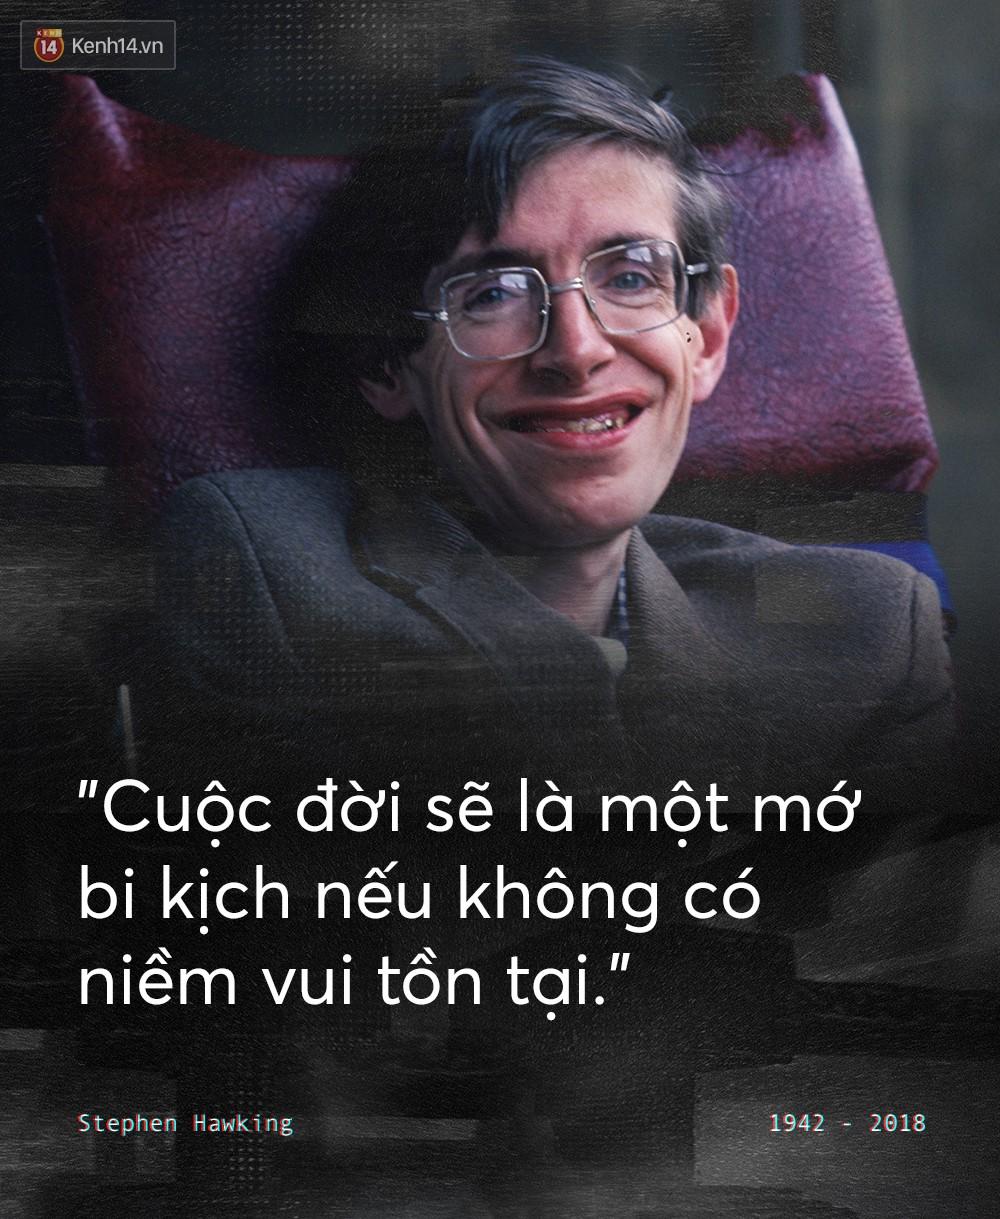 Những câu nói để đời của Stephen Hawking: Từ suy nghĩ giản đơn về cuộc đời cho tới triết lý mang tầm vũ trụ - Ảnh 7.